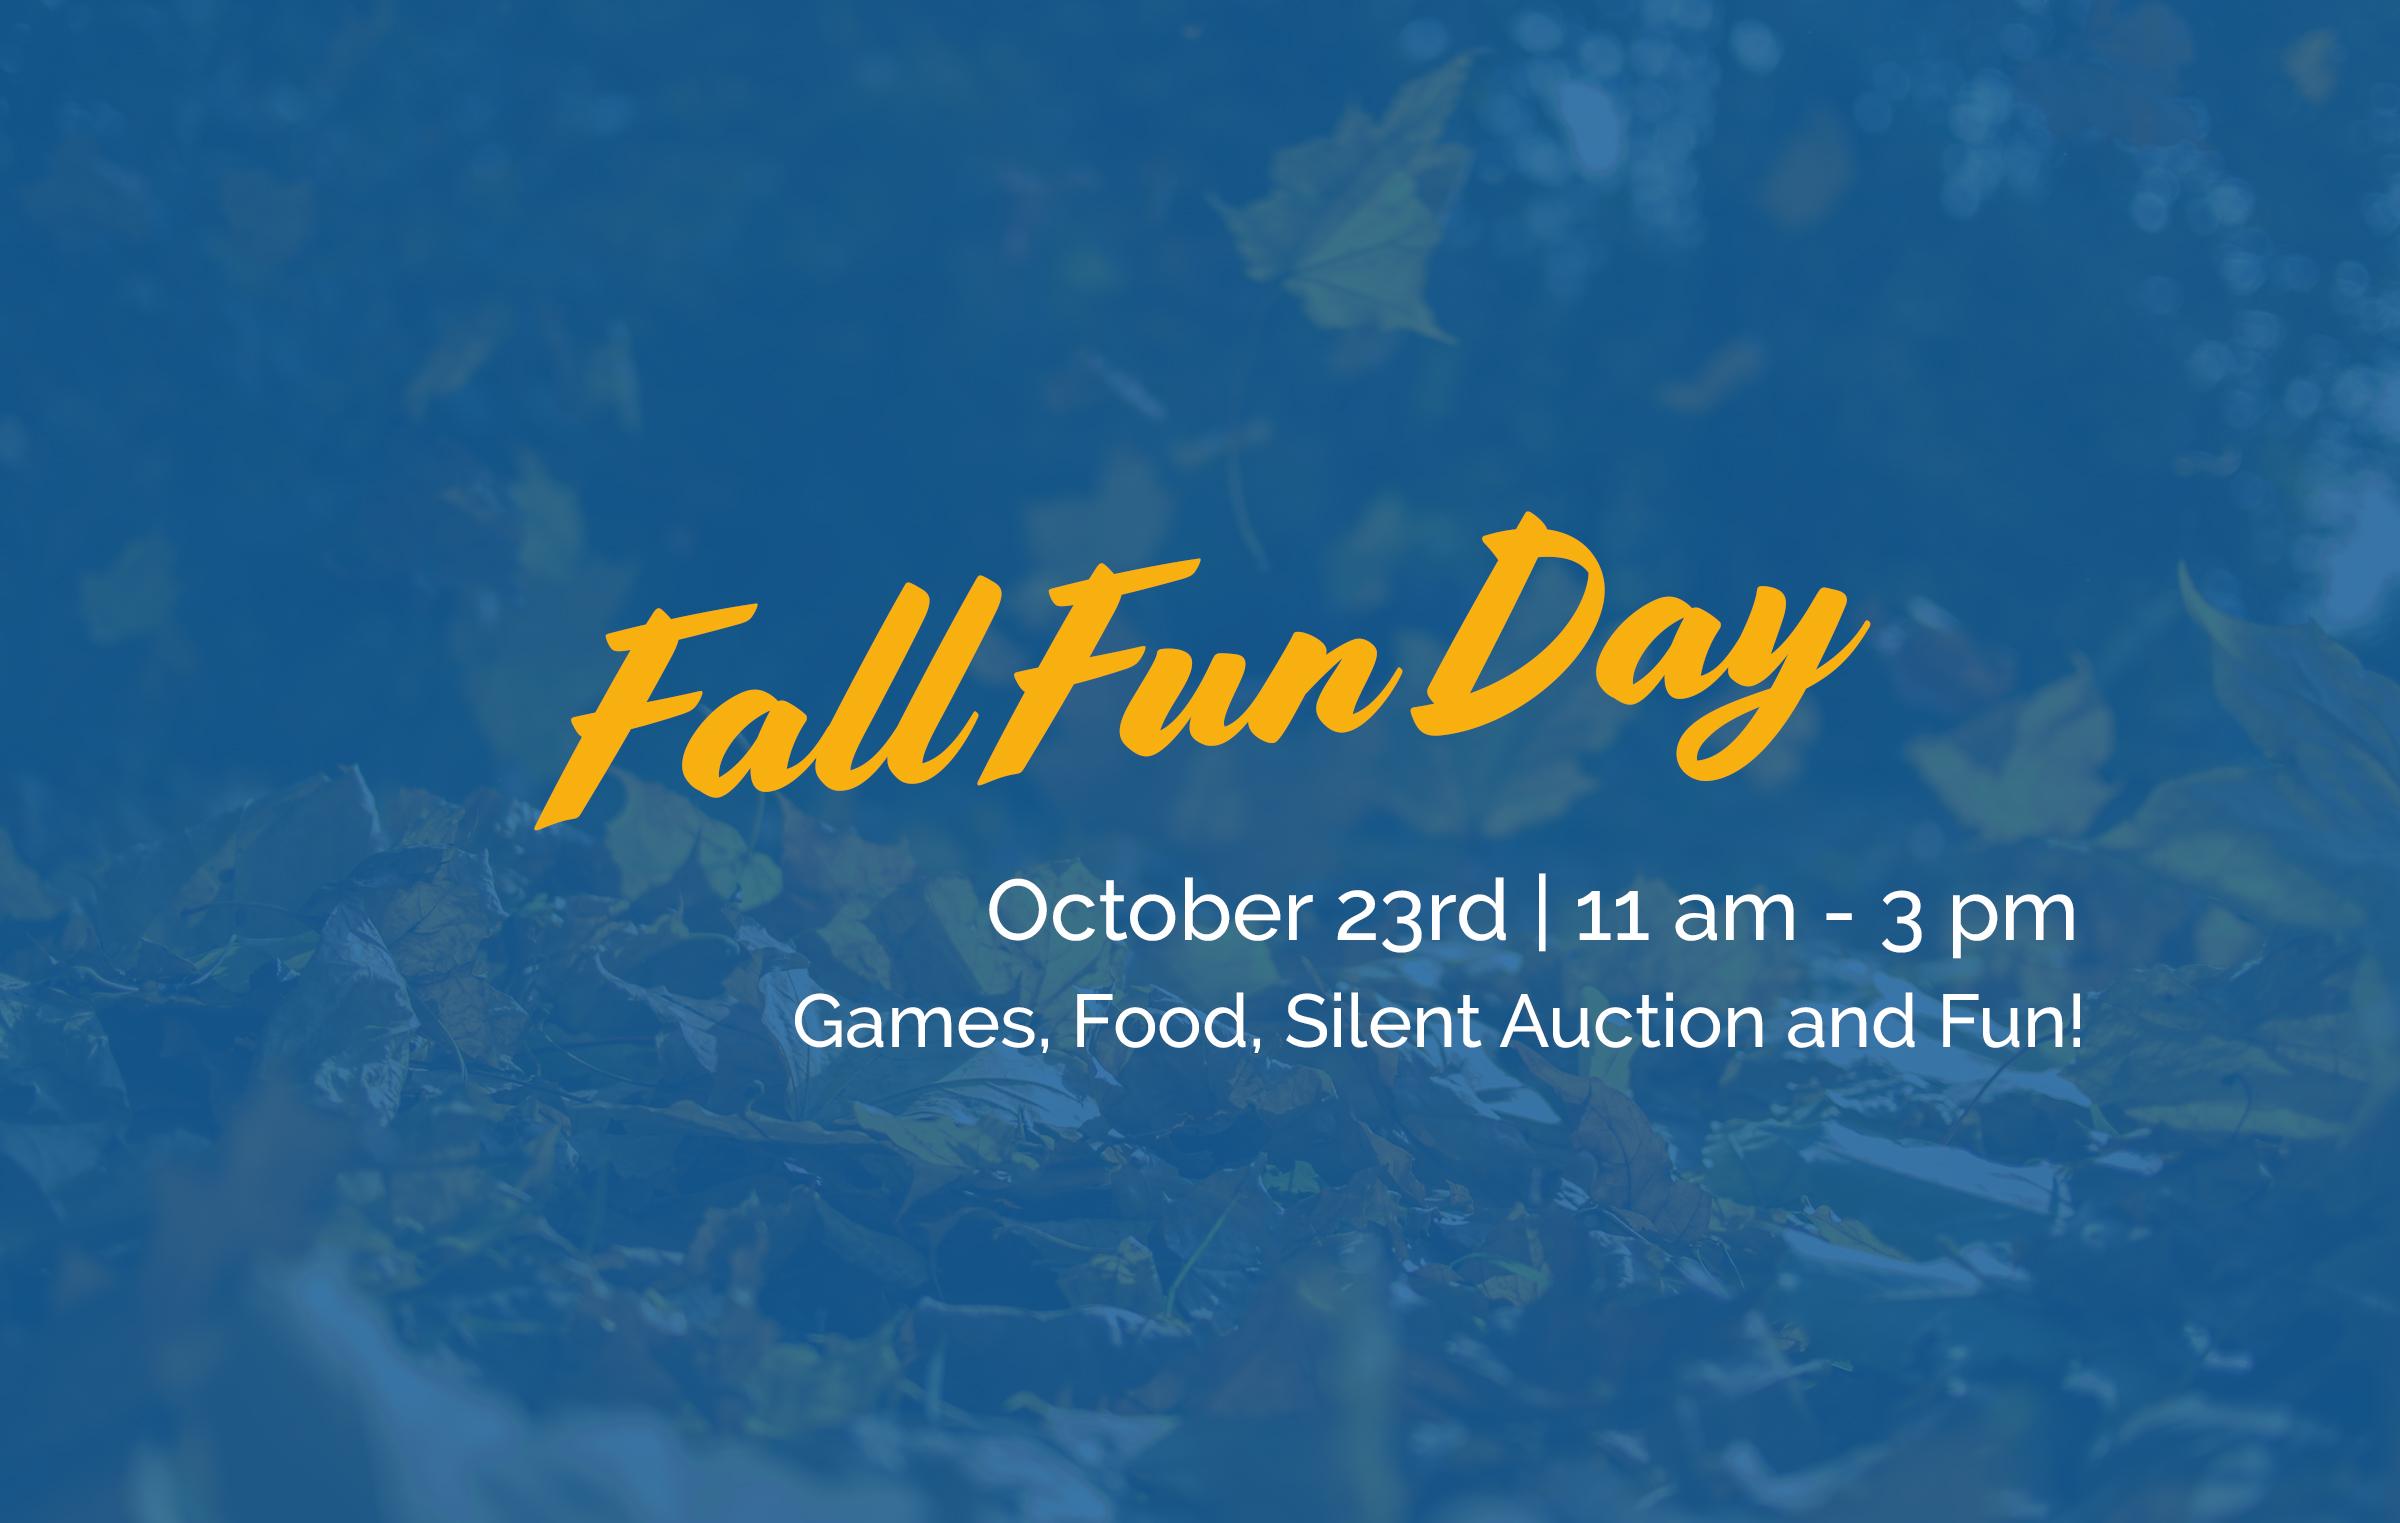 Fall Fun Day